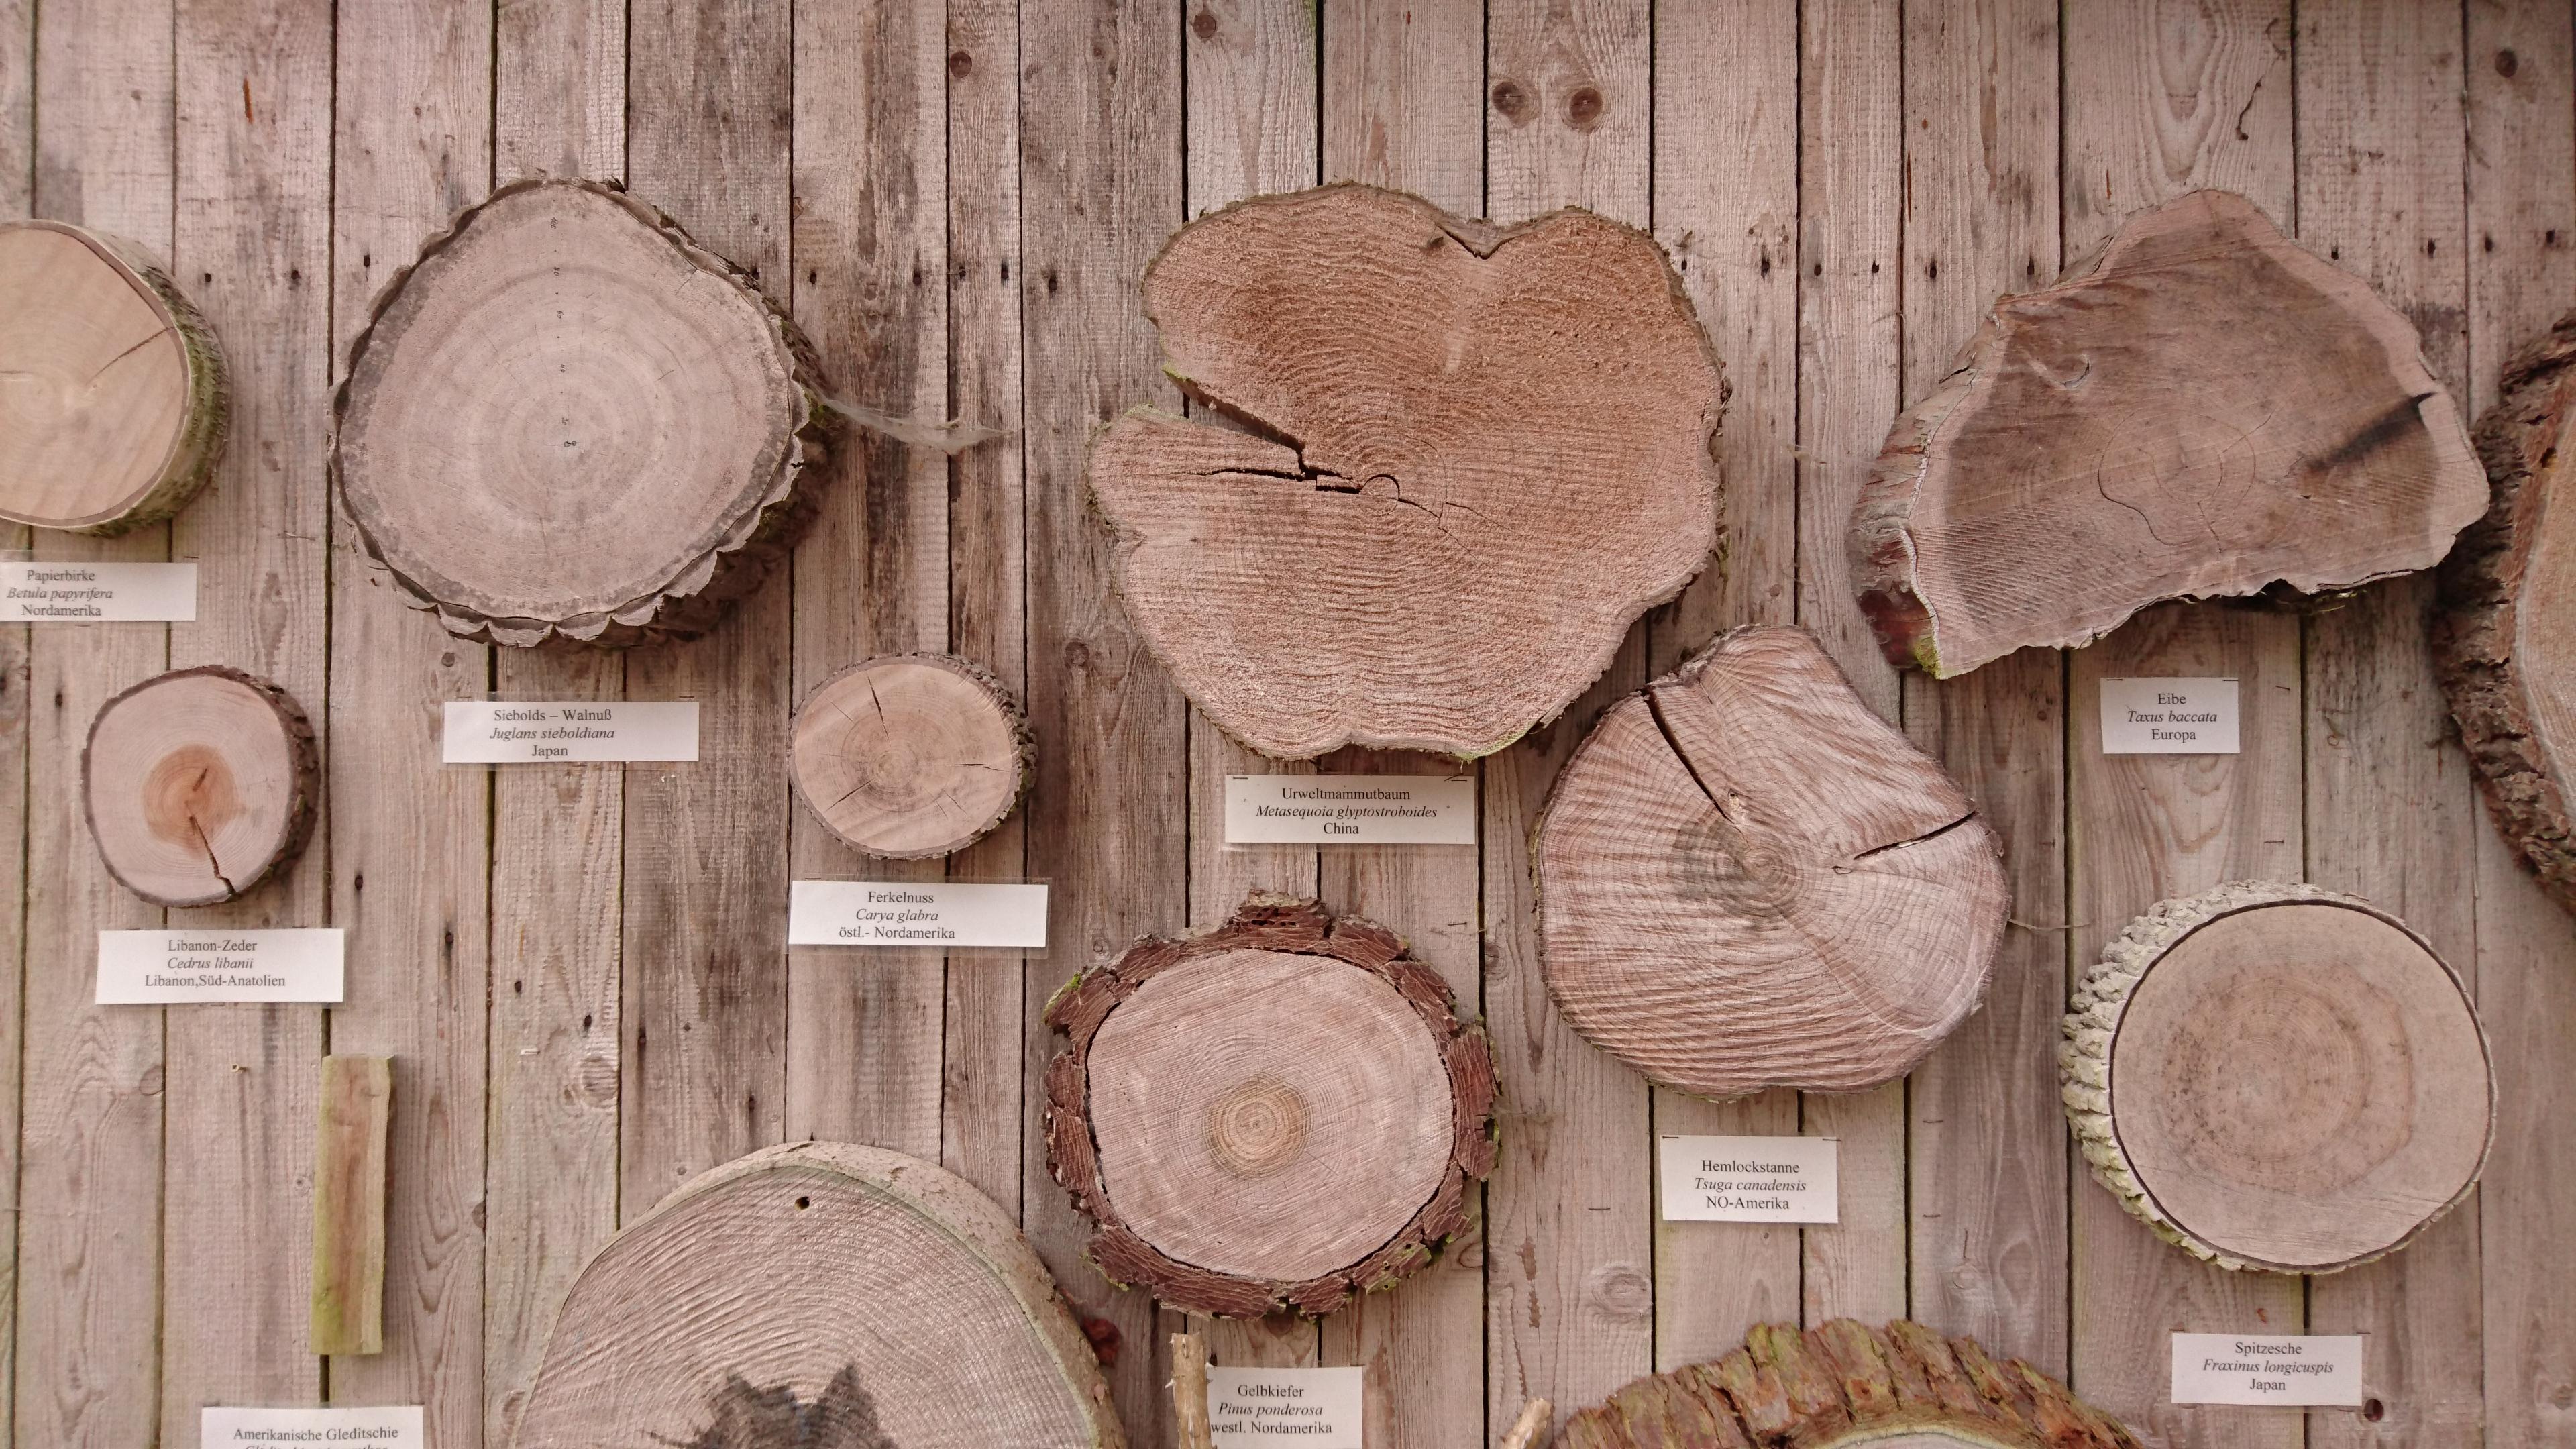 Stammquerschnitte von unterschiedlichen Bäumen an einer Holzwand